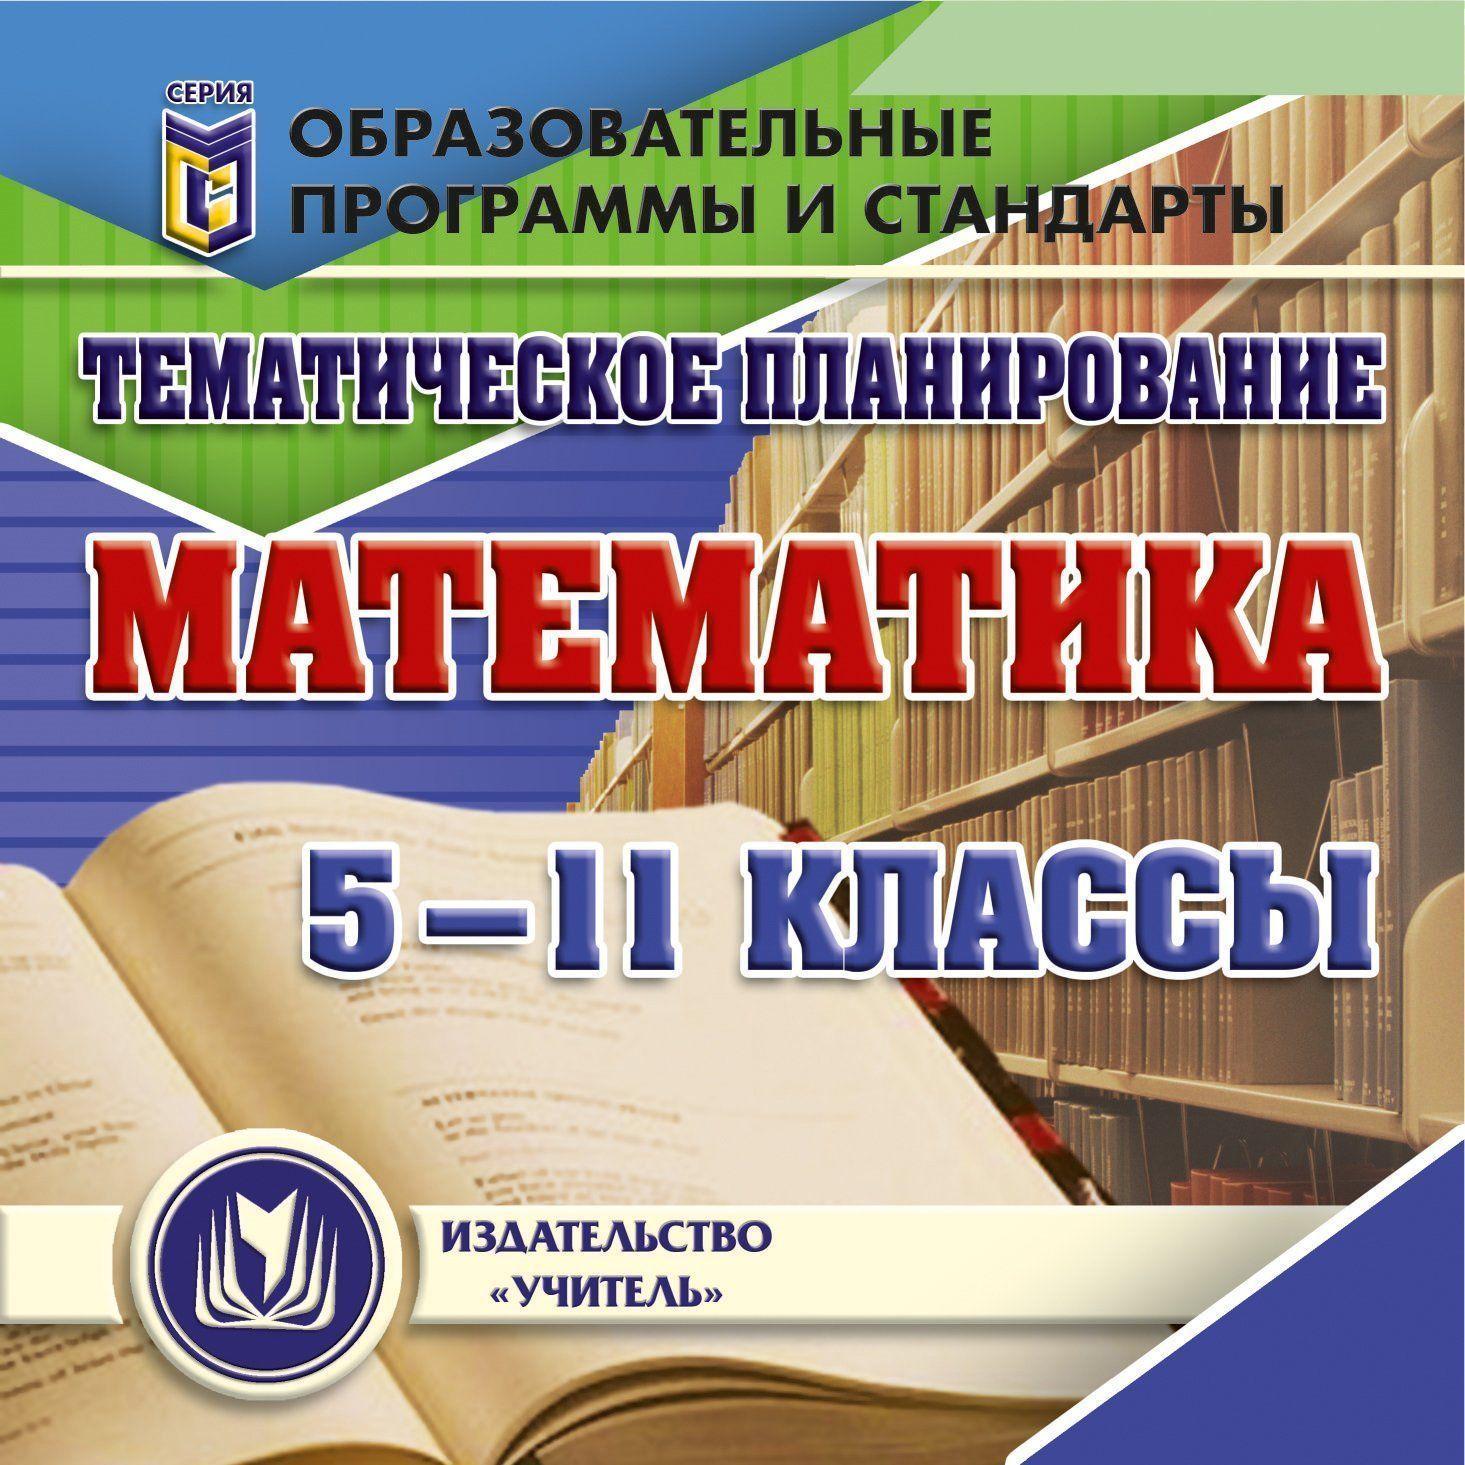 Тематическое планирование. Математика. 5-11 классы. Программа для установки через Интернет